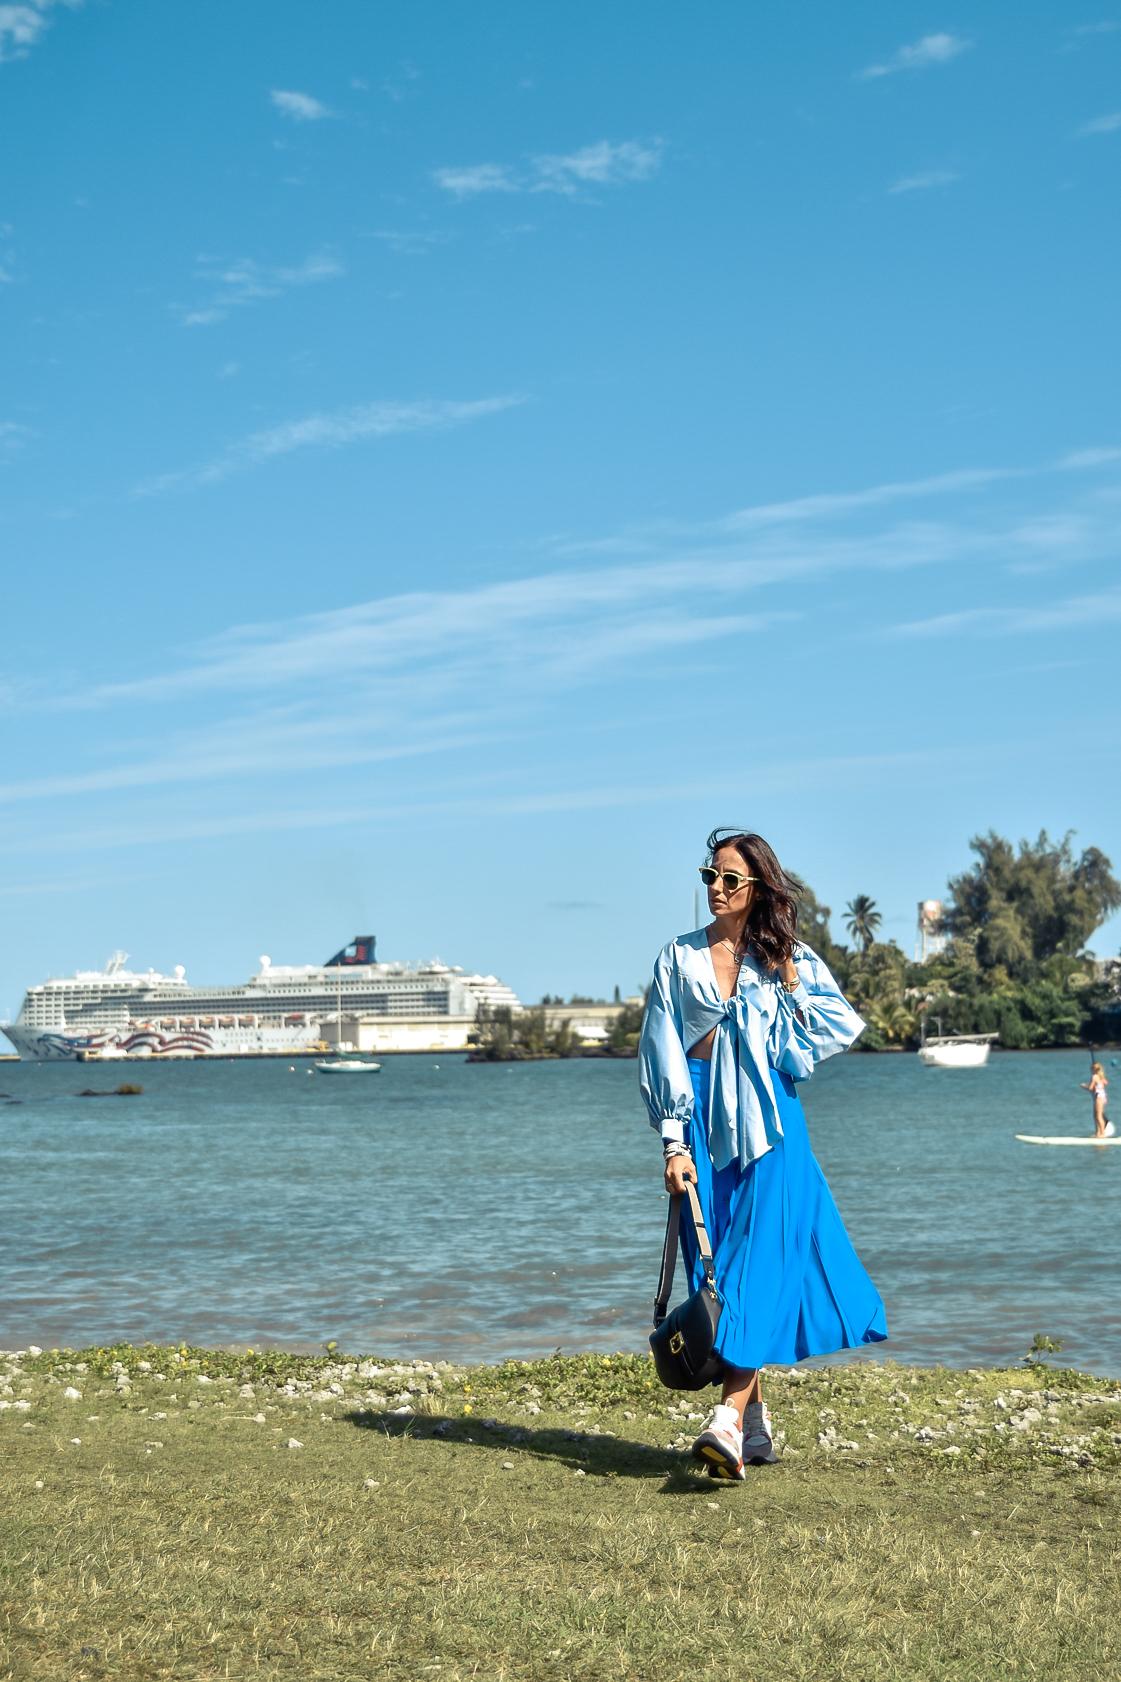 el-blog-de-silvia-blusa-azul-viaje-hawaii-17